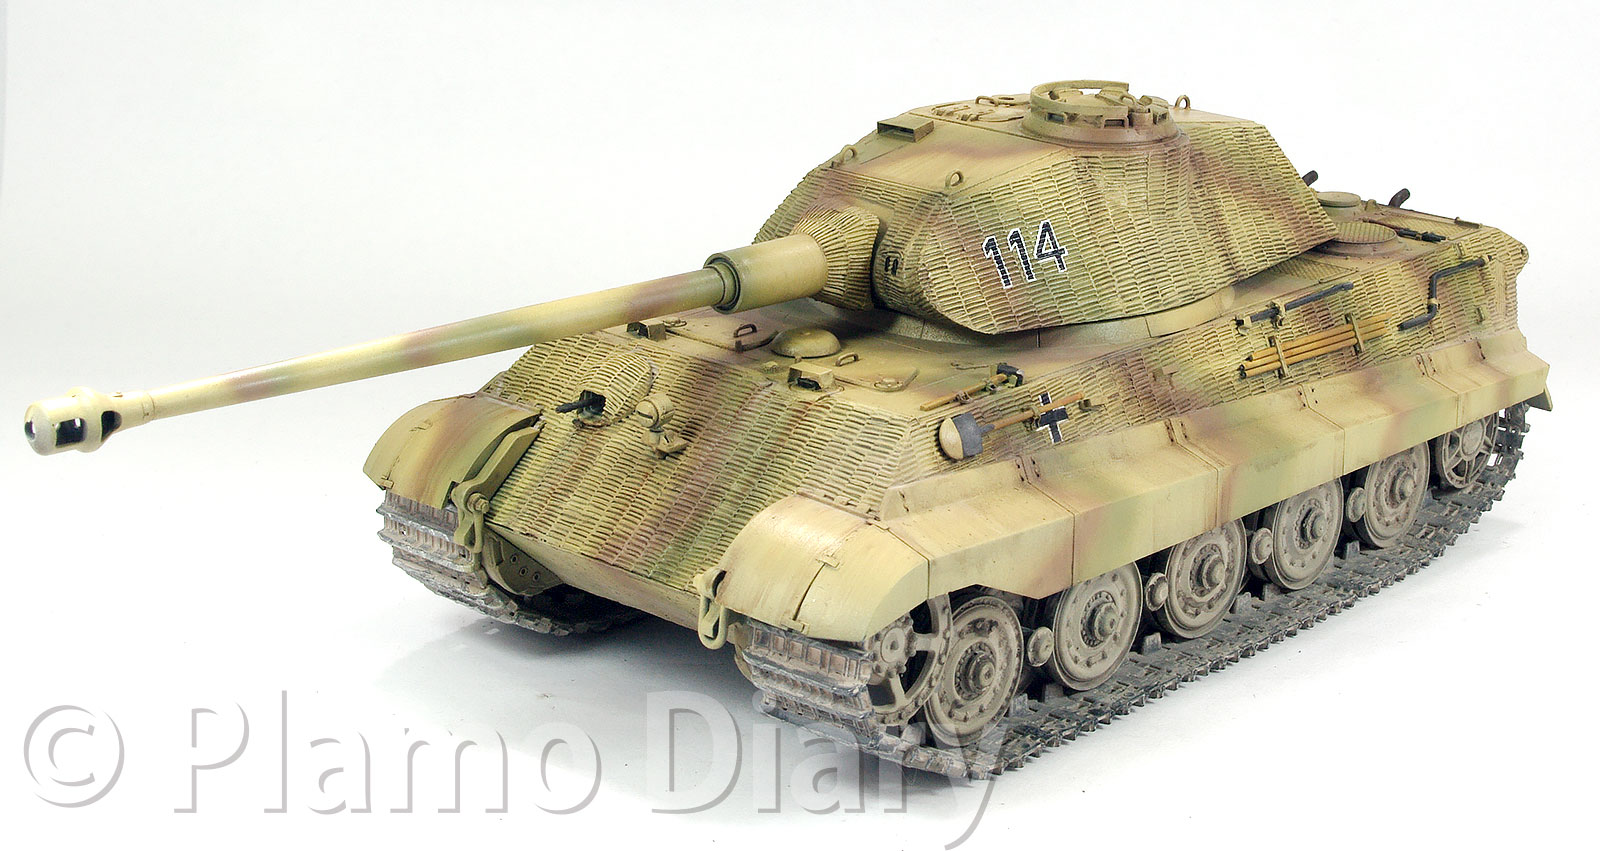 ケーニヒスティーガー・ポルシェ砲塔 1/35 ドラゴン